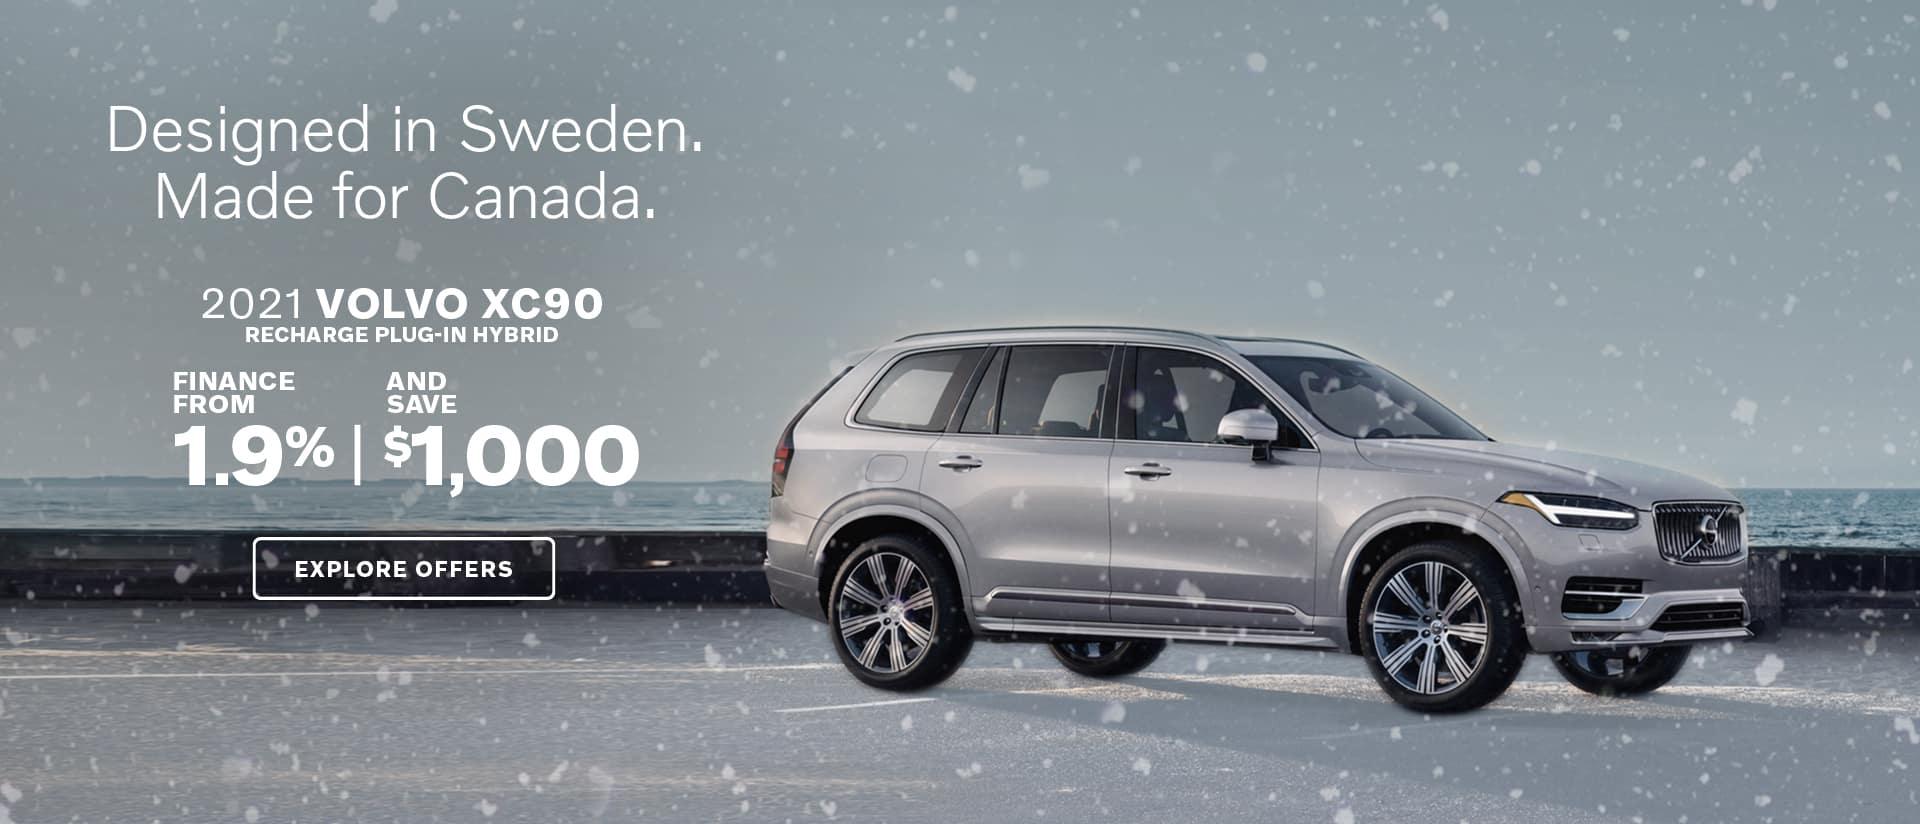 2021 Volvo XC90 1.9%